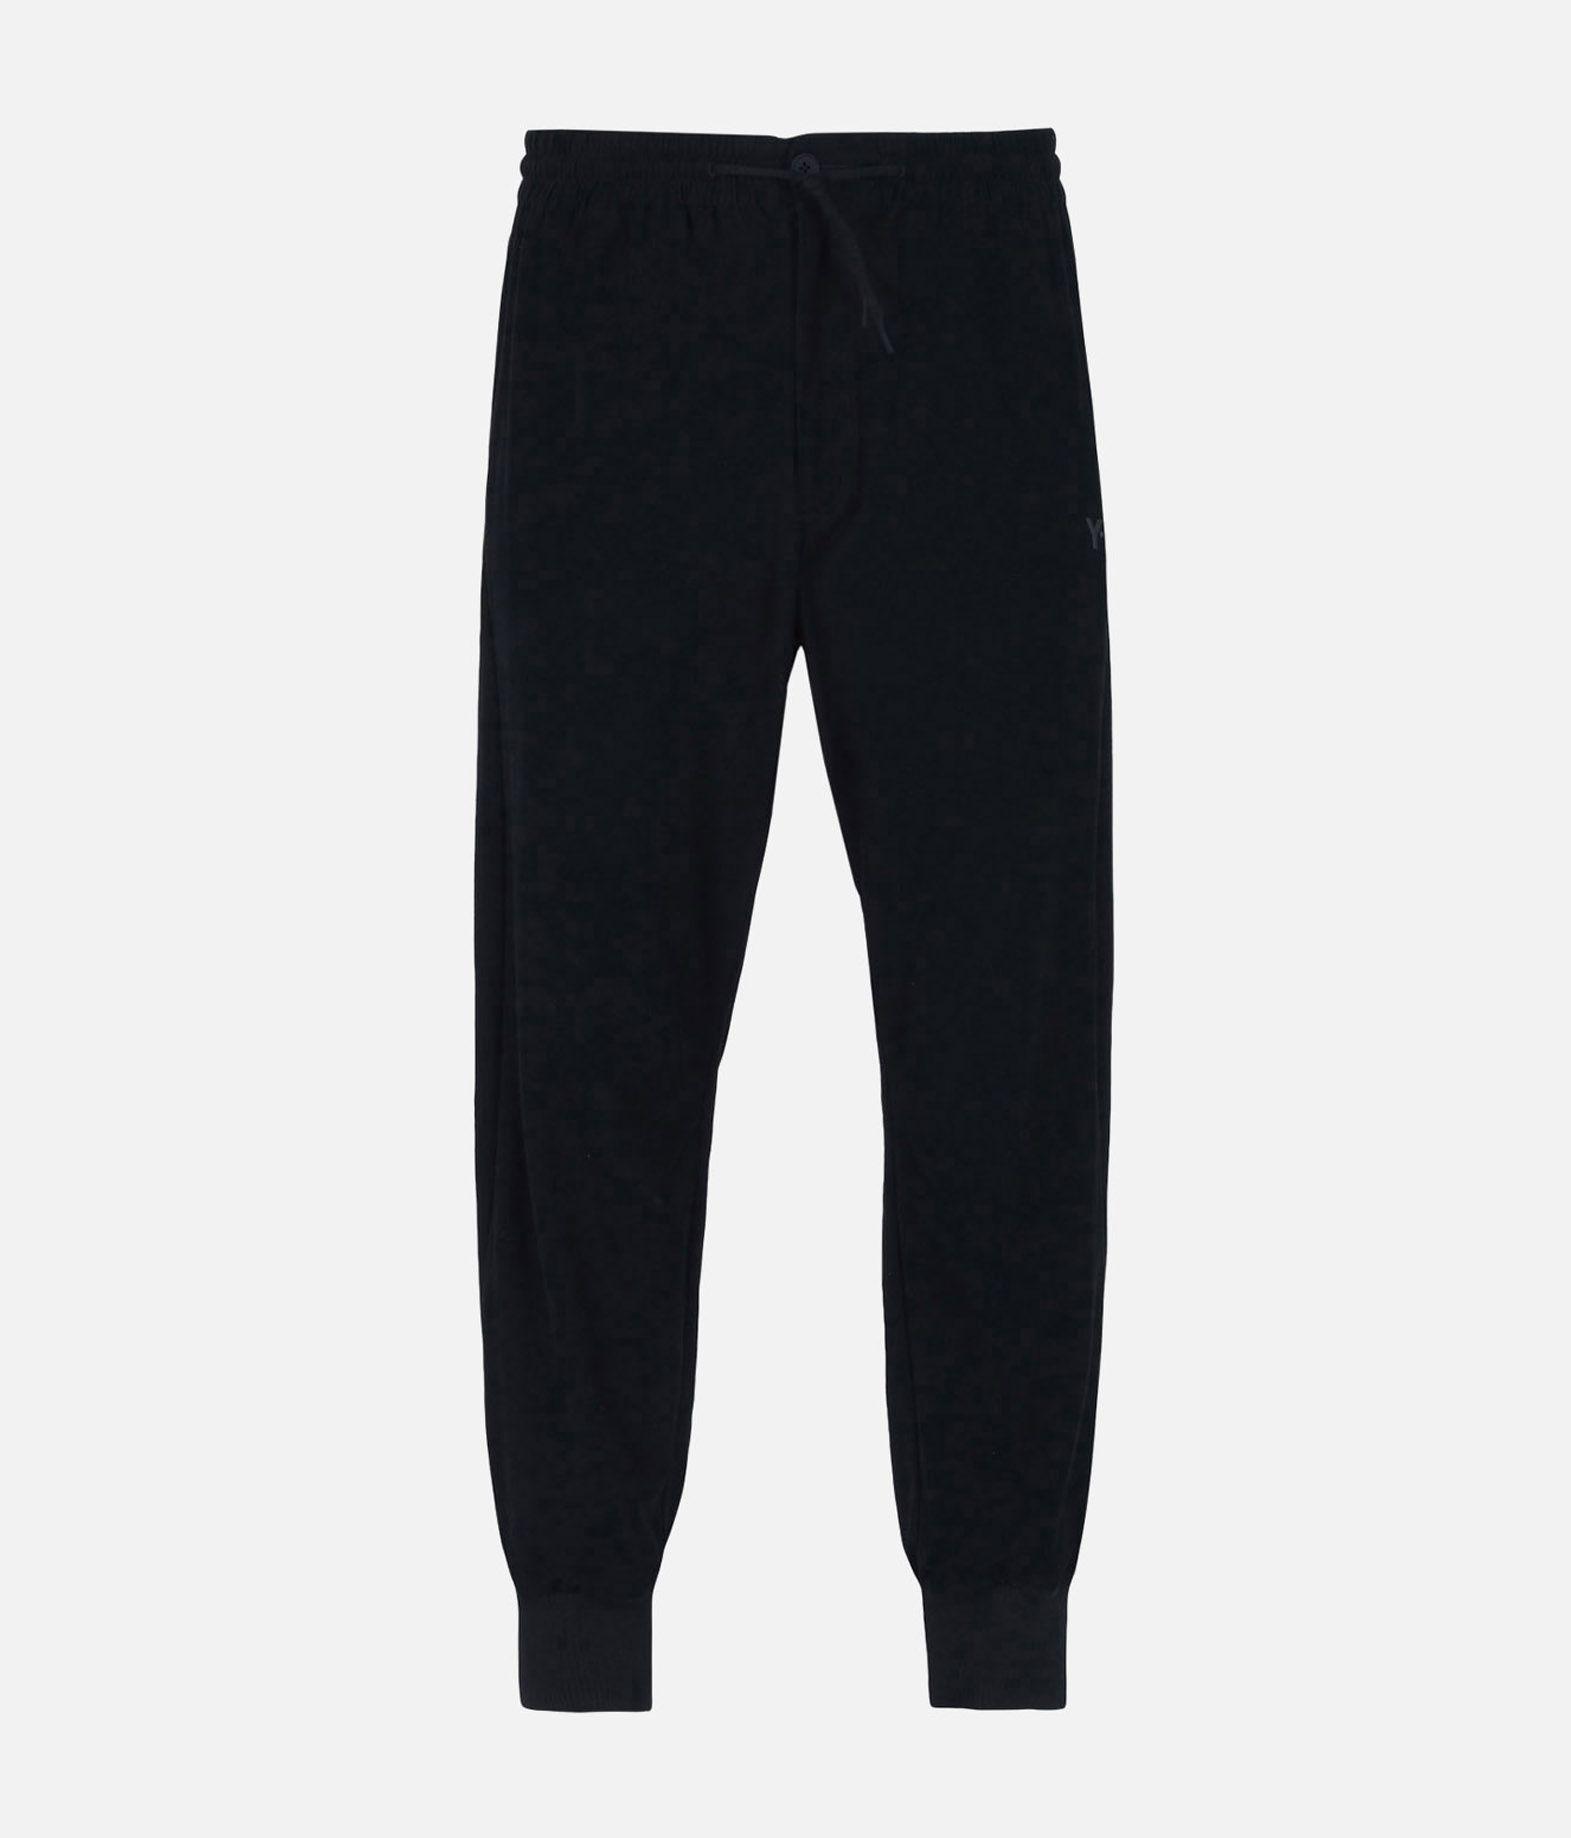 Y-3 Y-3 TWILL PANTS Casual trouser Man f